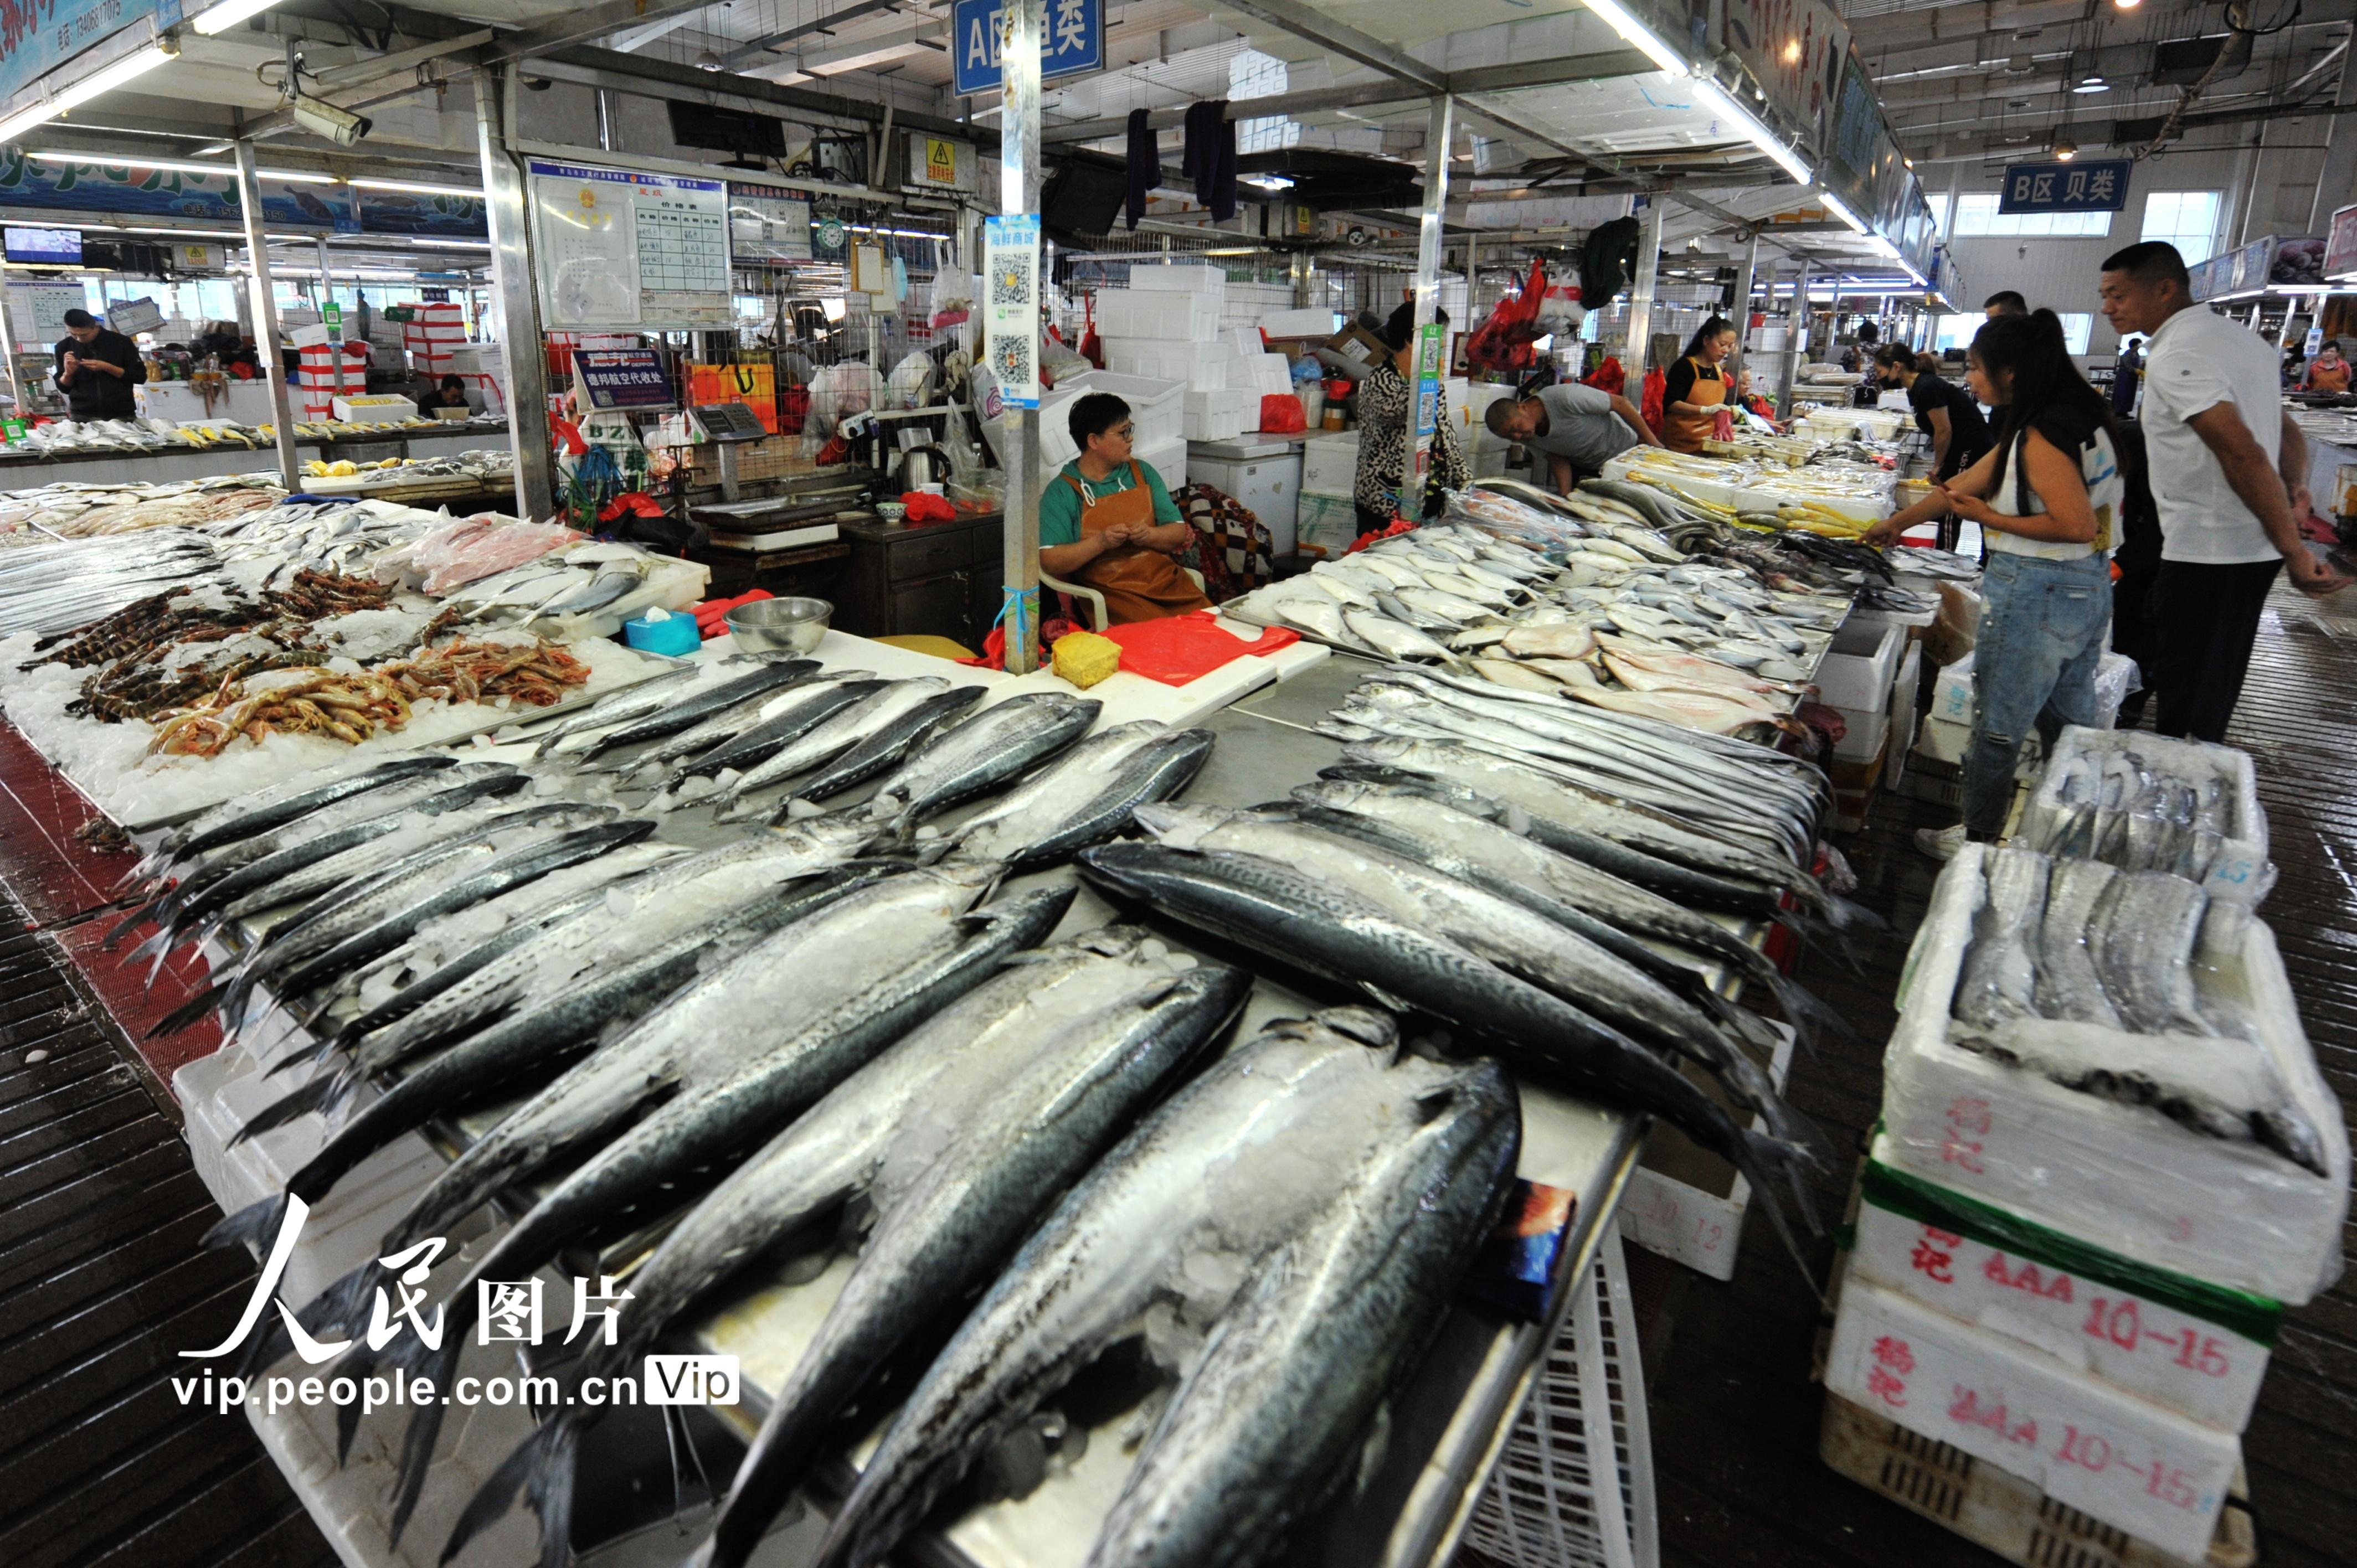 山东青岛:秋捕丰收 海鲜大量上市